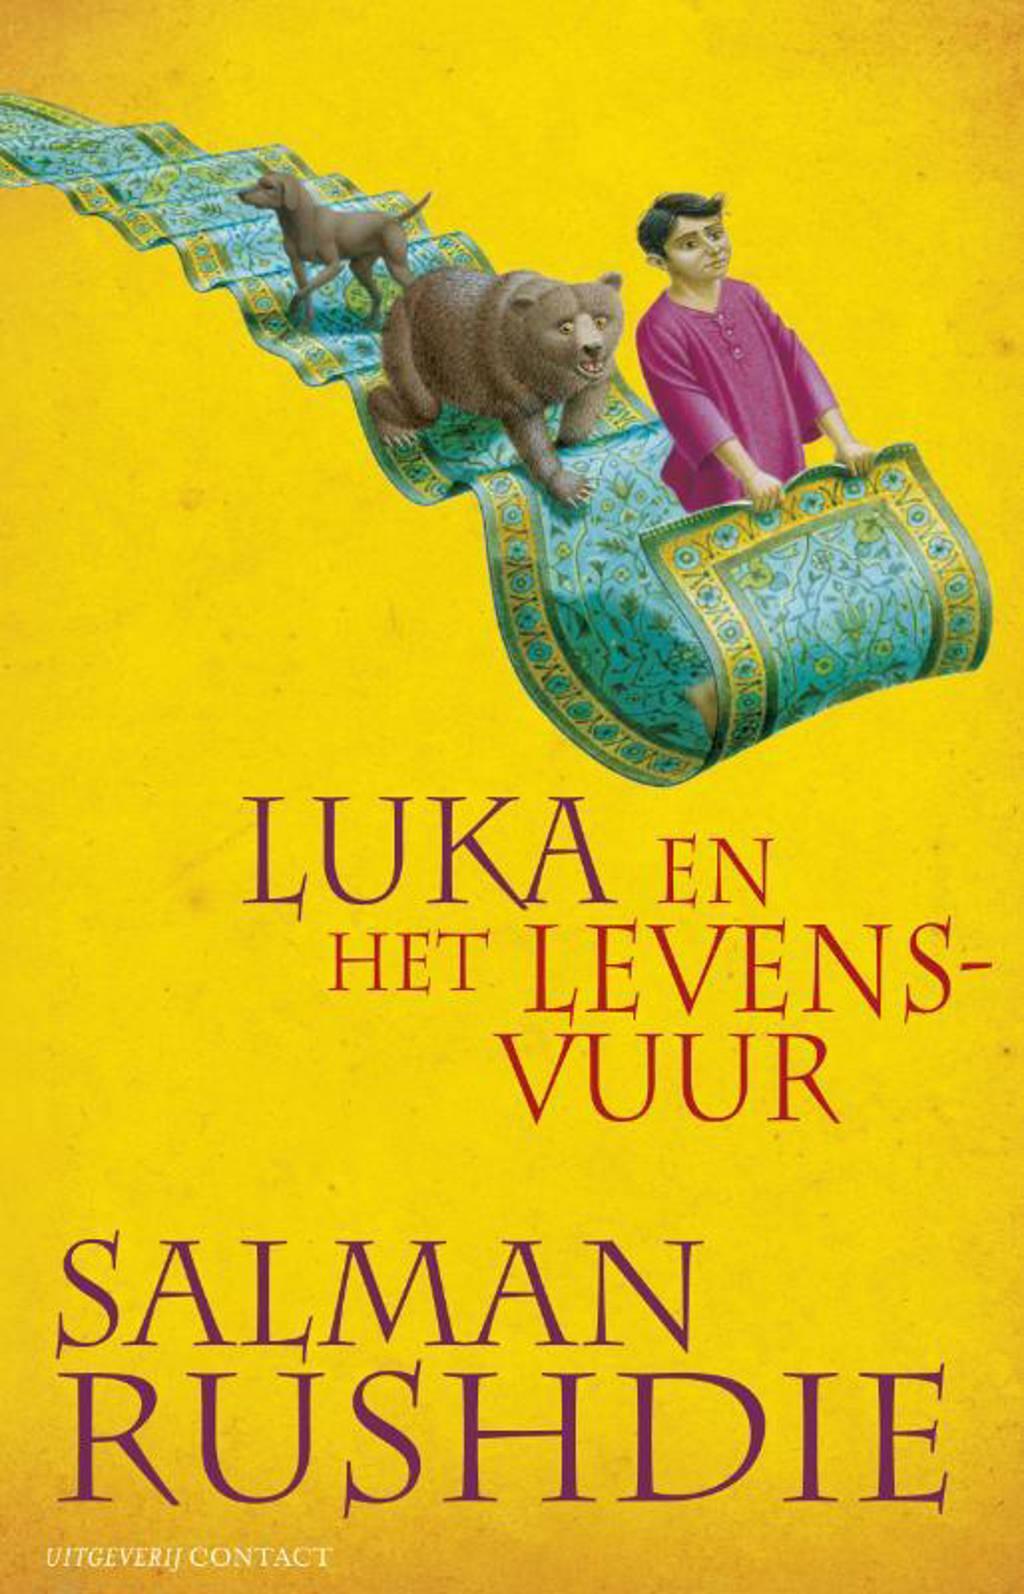 Luka en het levensvuur - Salman Rushdie